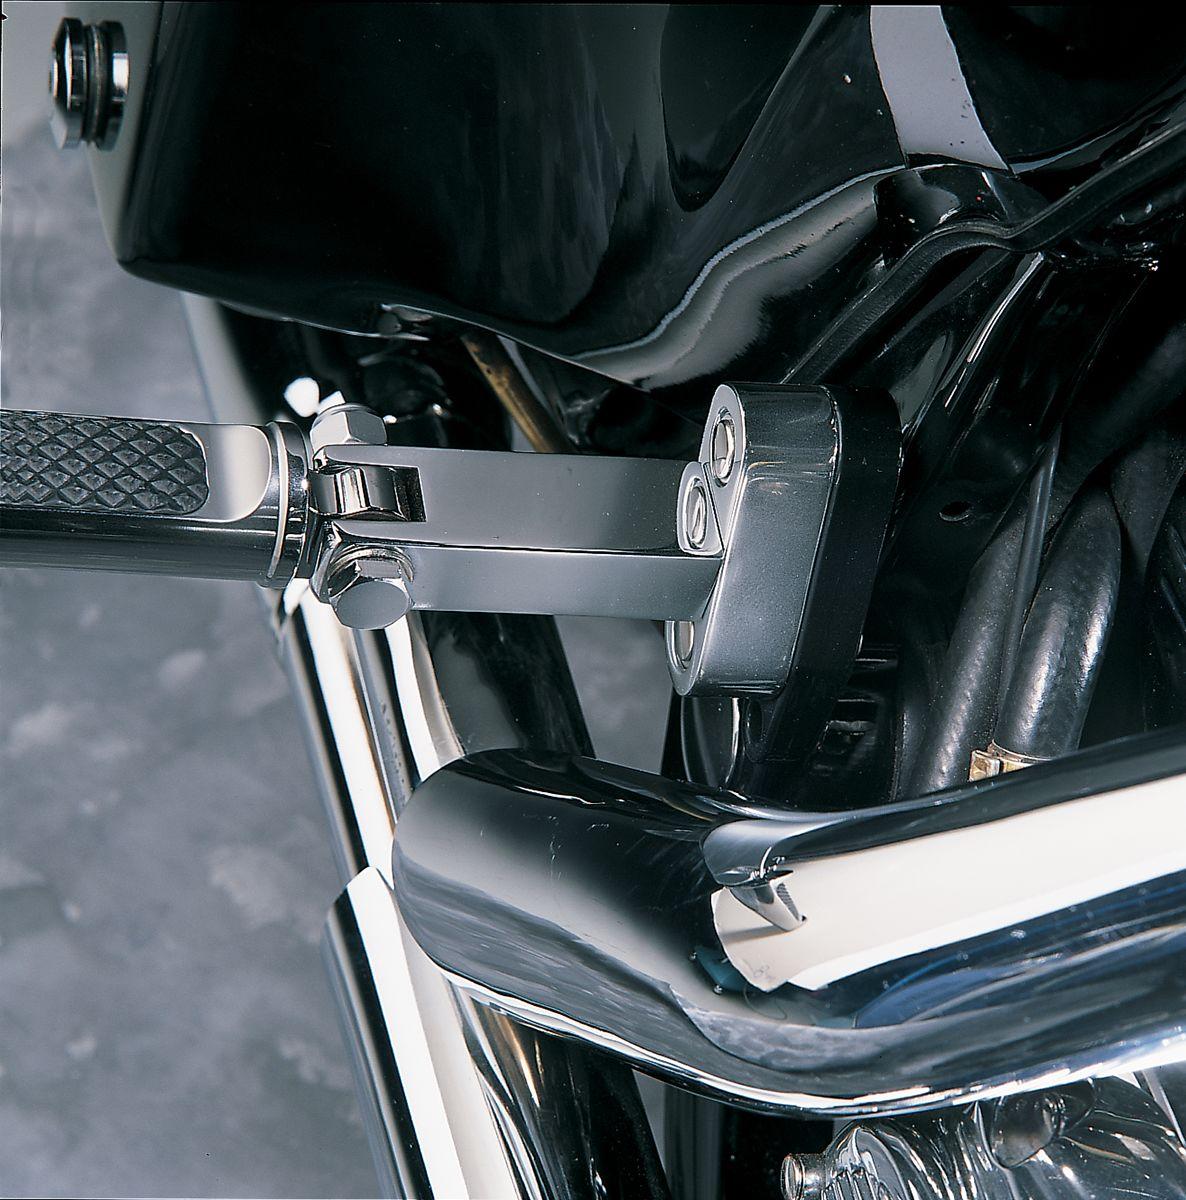 【Drag Specialties】後座腳踏安裝/ FLT 1993-09 【PSNGR FTPEG MNT 93-09 FLT [DS-243659]】 - 「Webike-摩托百貨」